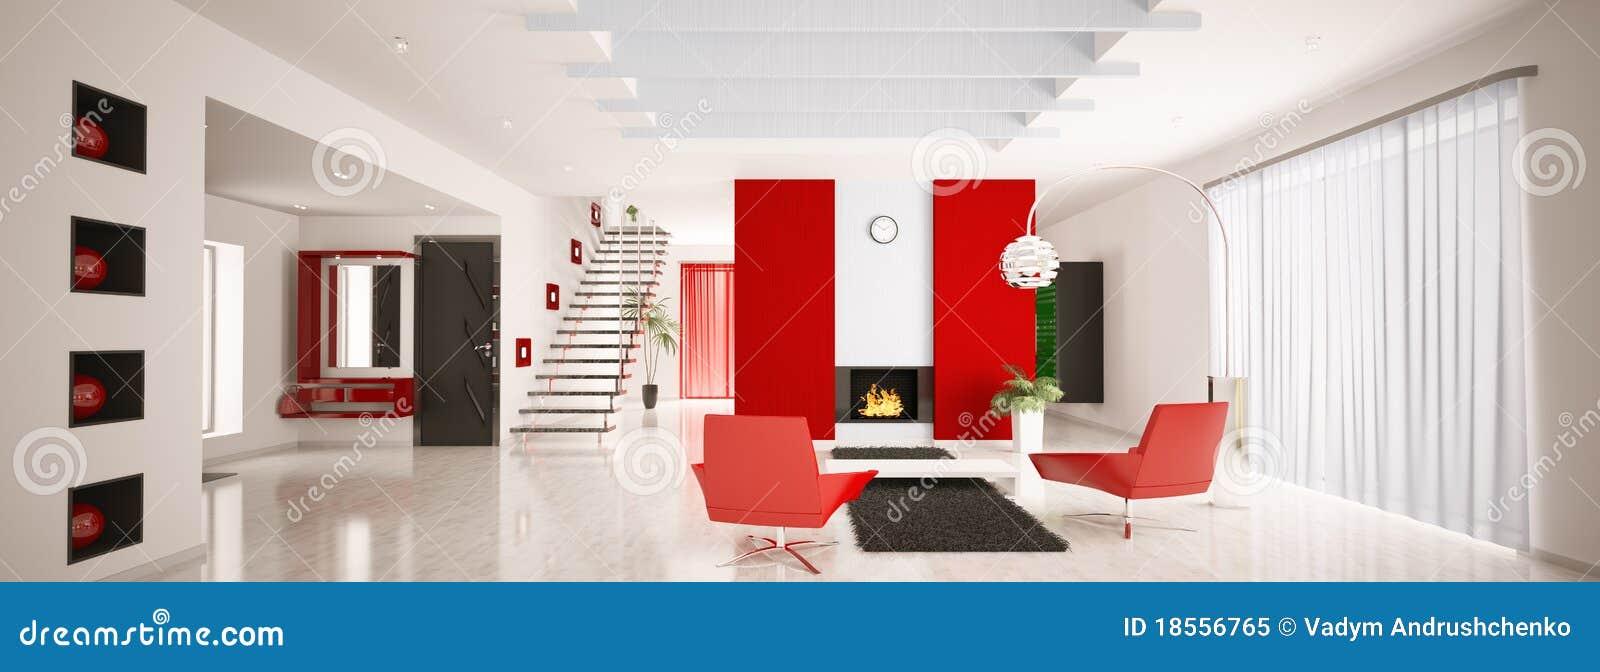 Il panorama interno 3d dell 39 appartamento moderno rende for Immagini di appartamenti moderni